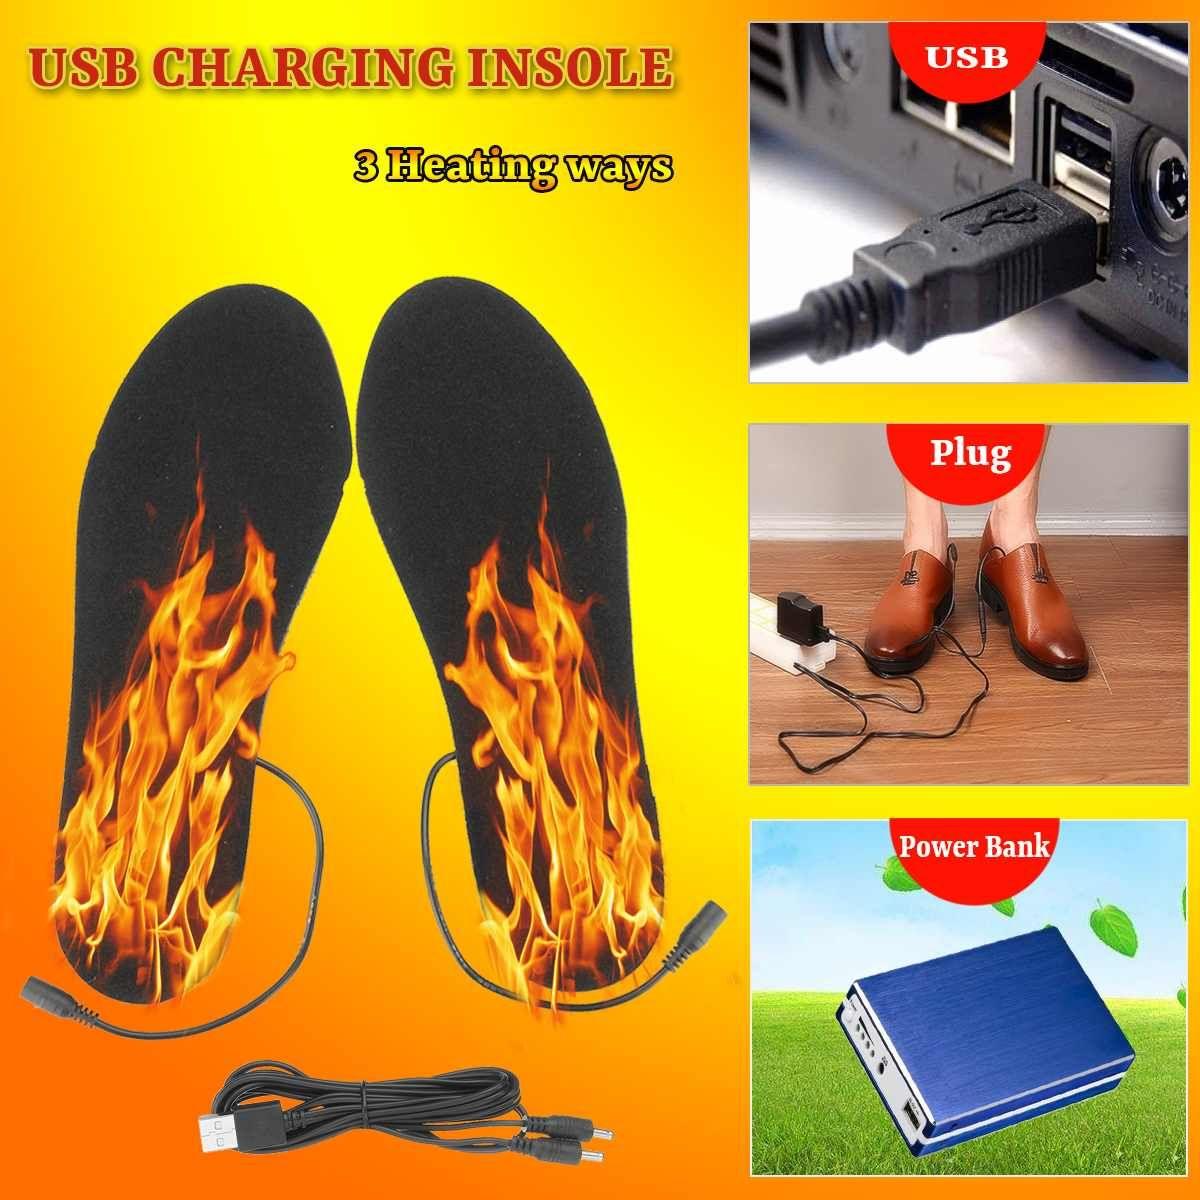 Elektrische Beheizte Einlegesohlen Winter Männer Frauen Erhitzt Schuh Einsätze Aufgeladen Einlegesohlen für Schuhe Boot Warme Socken USB Ladekabel